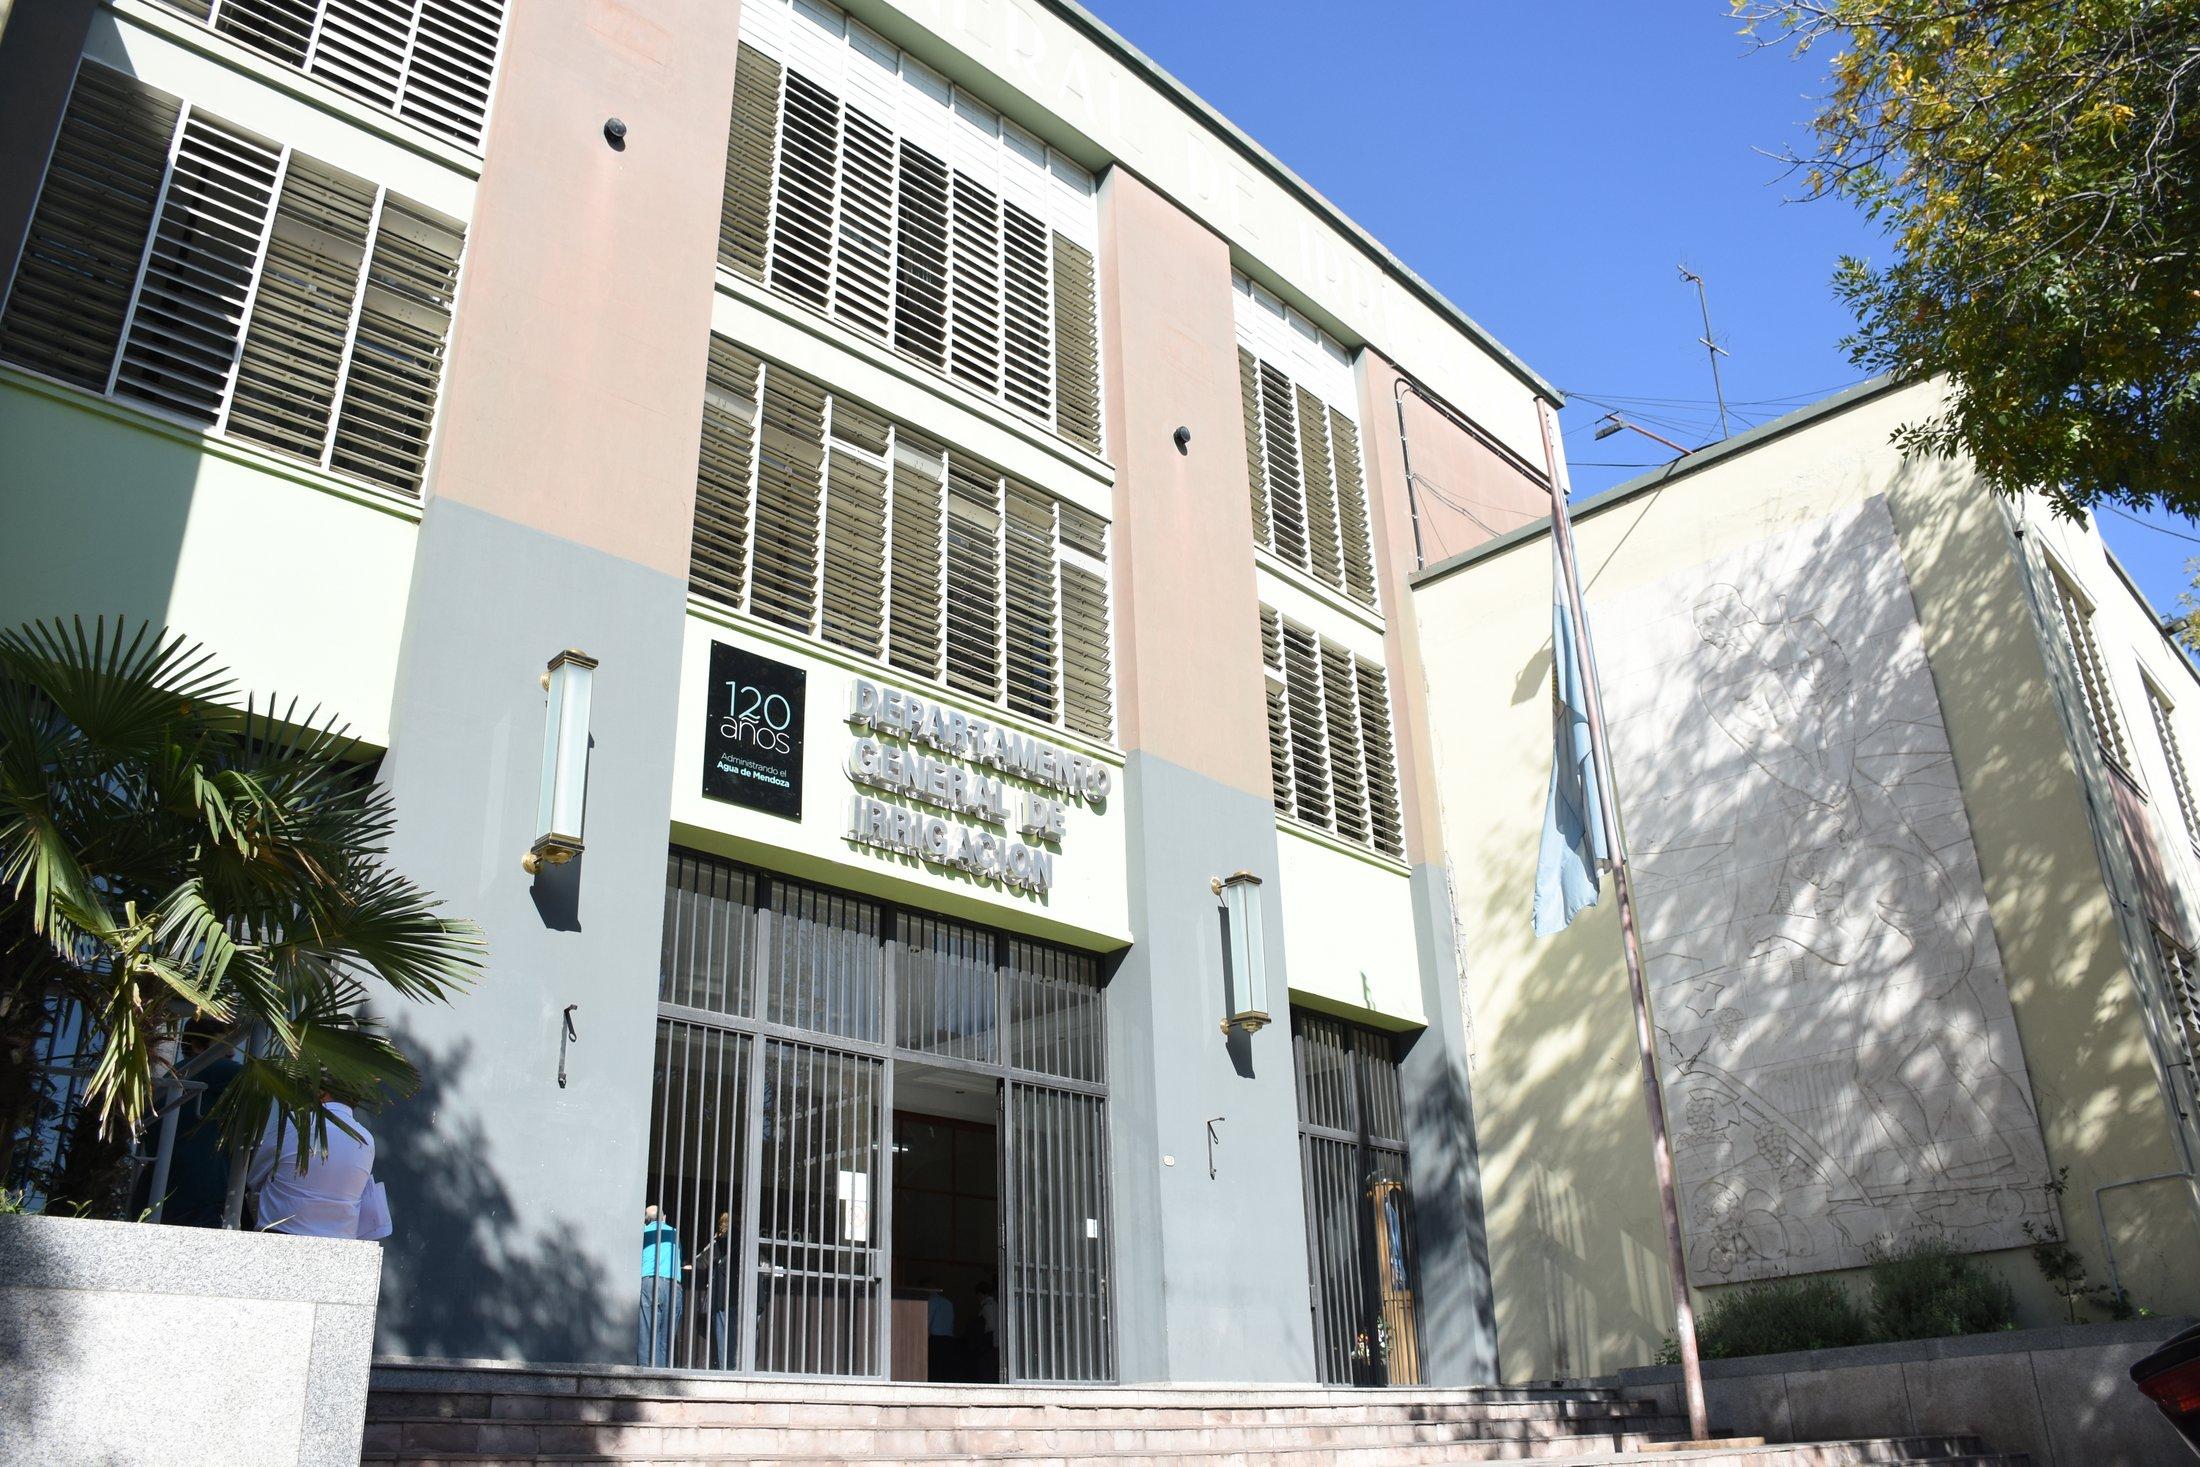 Nuestro edificio, en la arquitectura del siglo XX